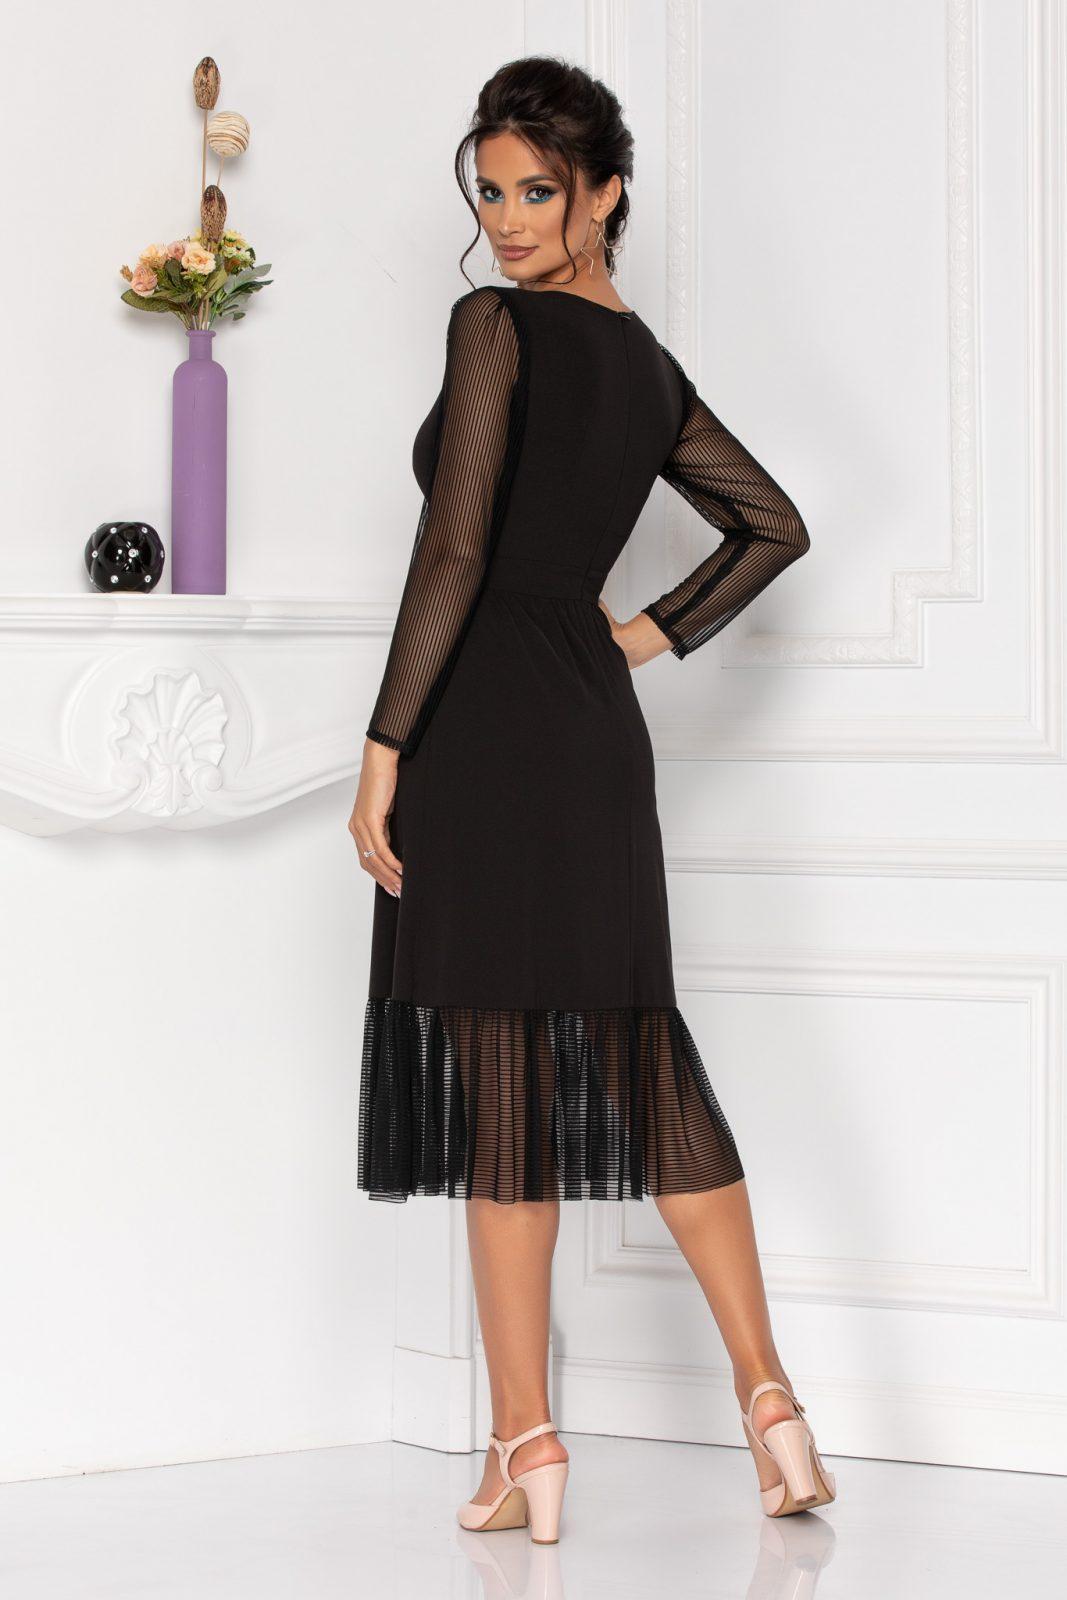 Μίντι Μαύρο Φόρεμα Με Μανίκι Moze Heather 8440 2